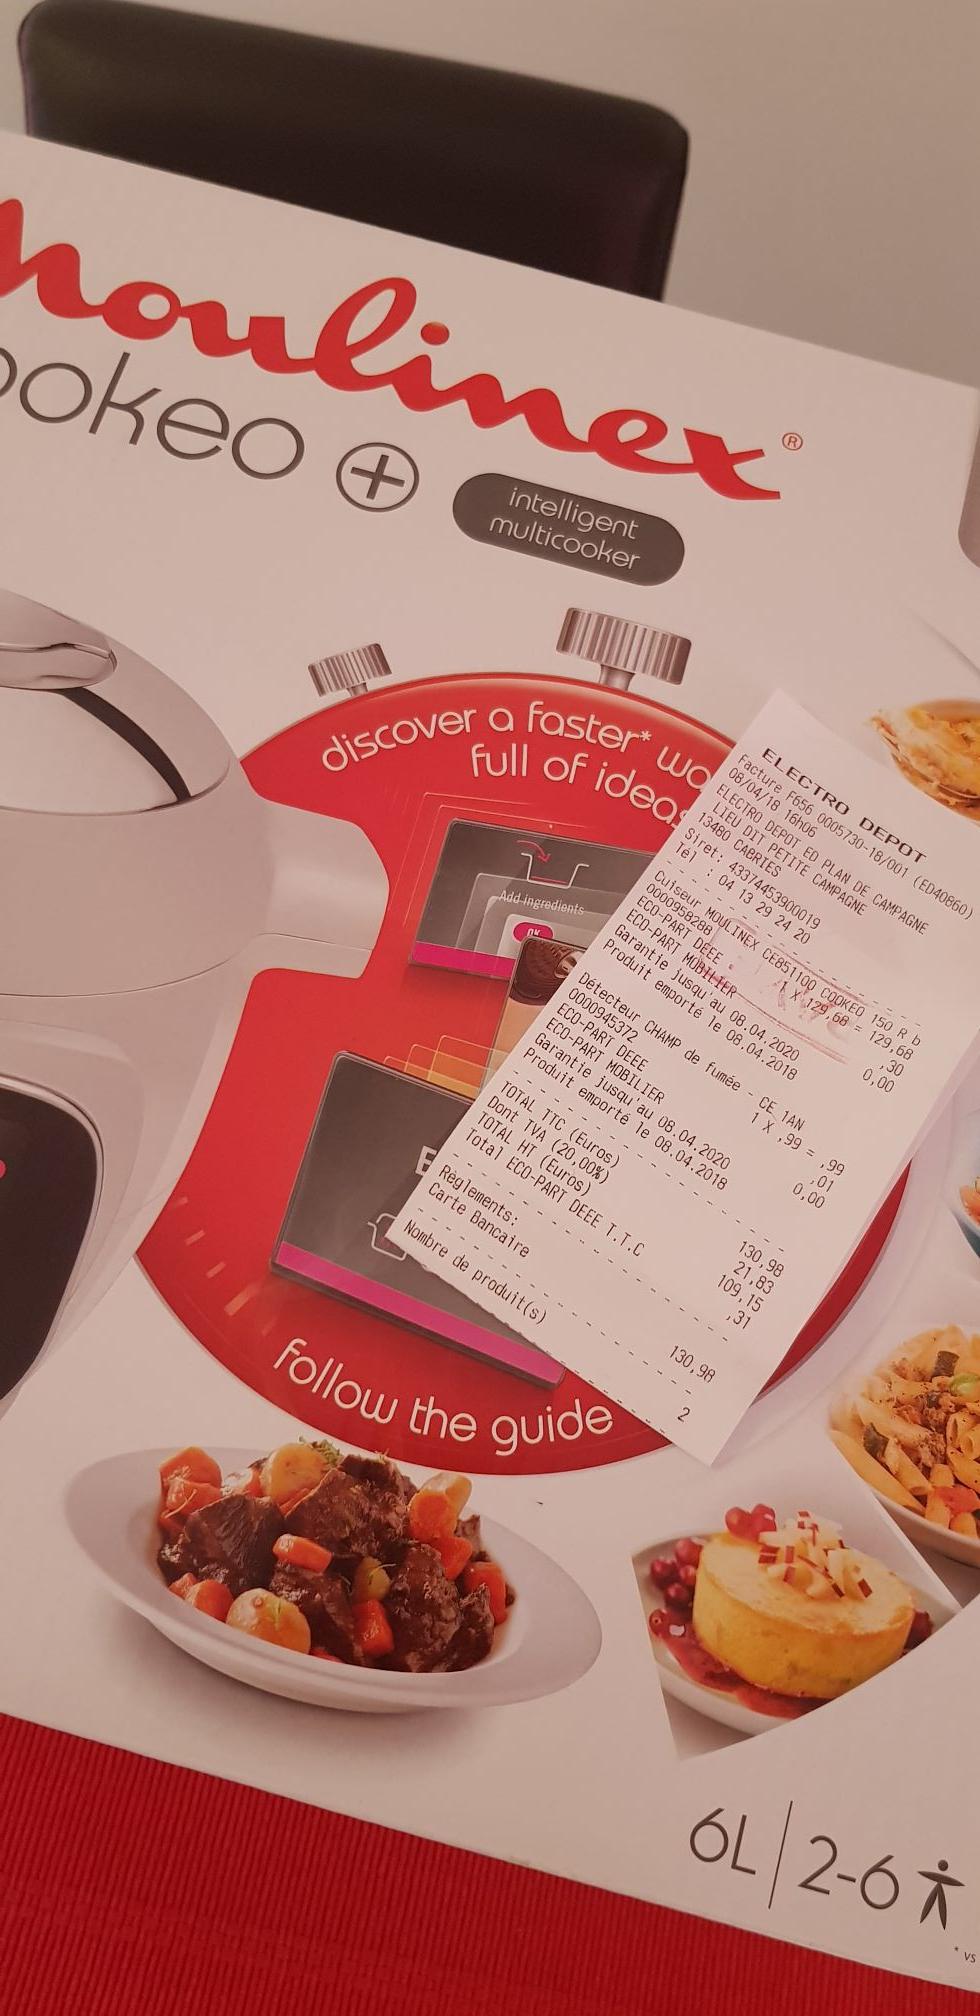 Cuiseur Moulinex Cookeo+ CE851100 - 150 Recettes, Blanc - Plan de Campagne (13)